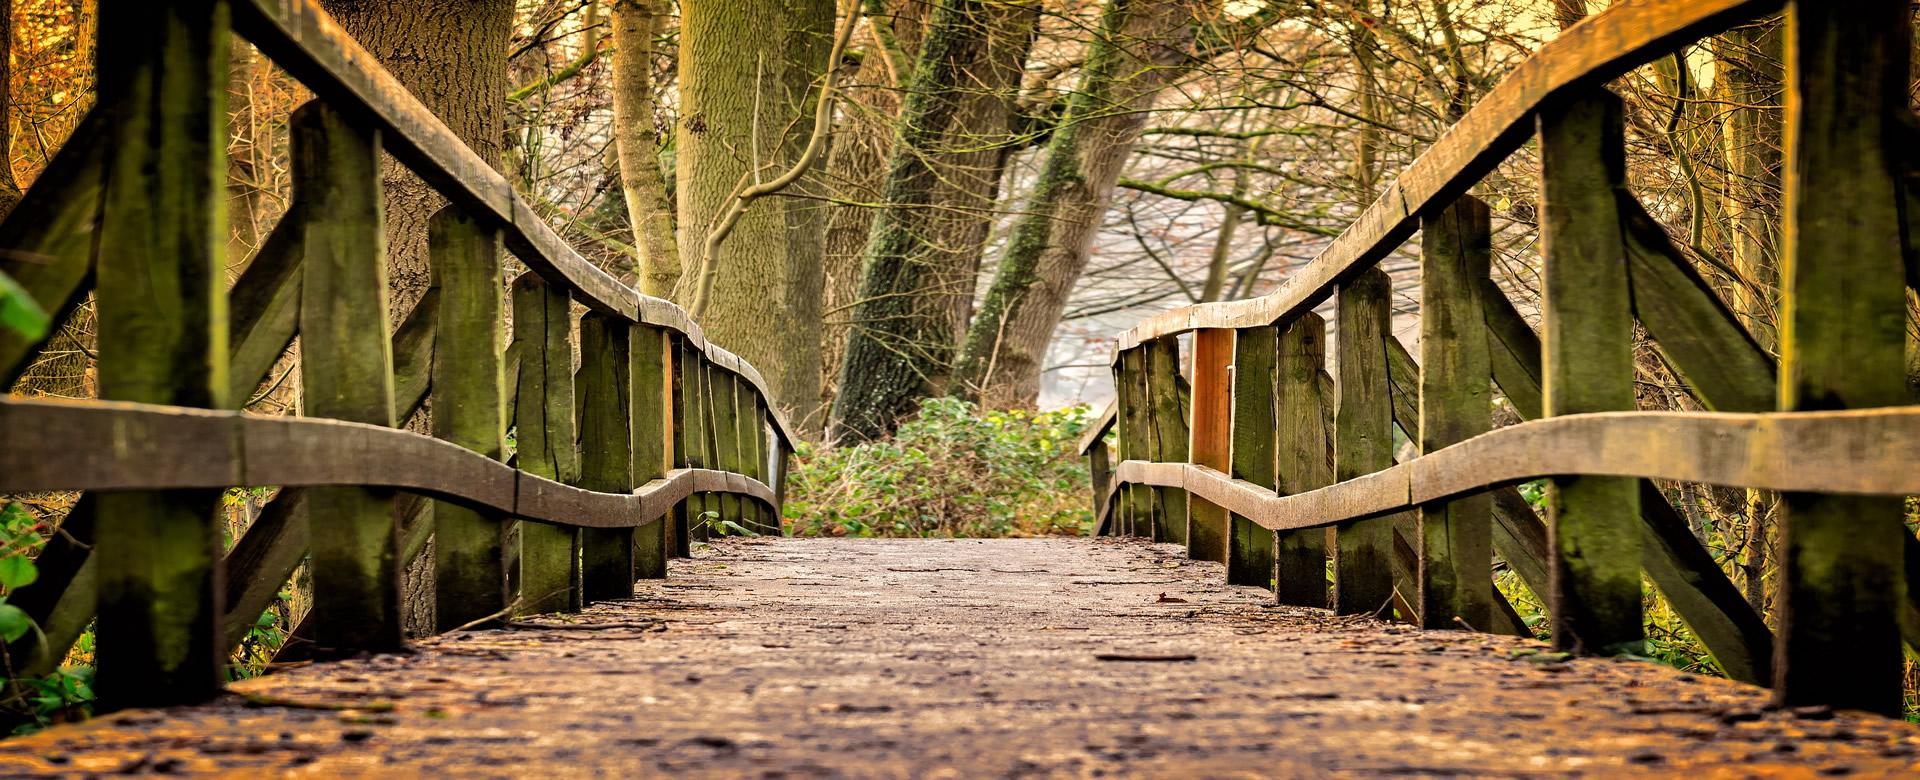 Brücke - Möglichkeiten von Transformation und Selbstentwicklung